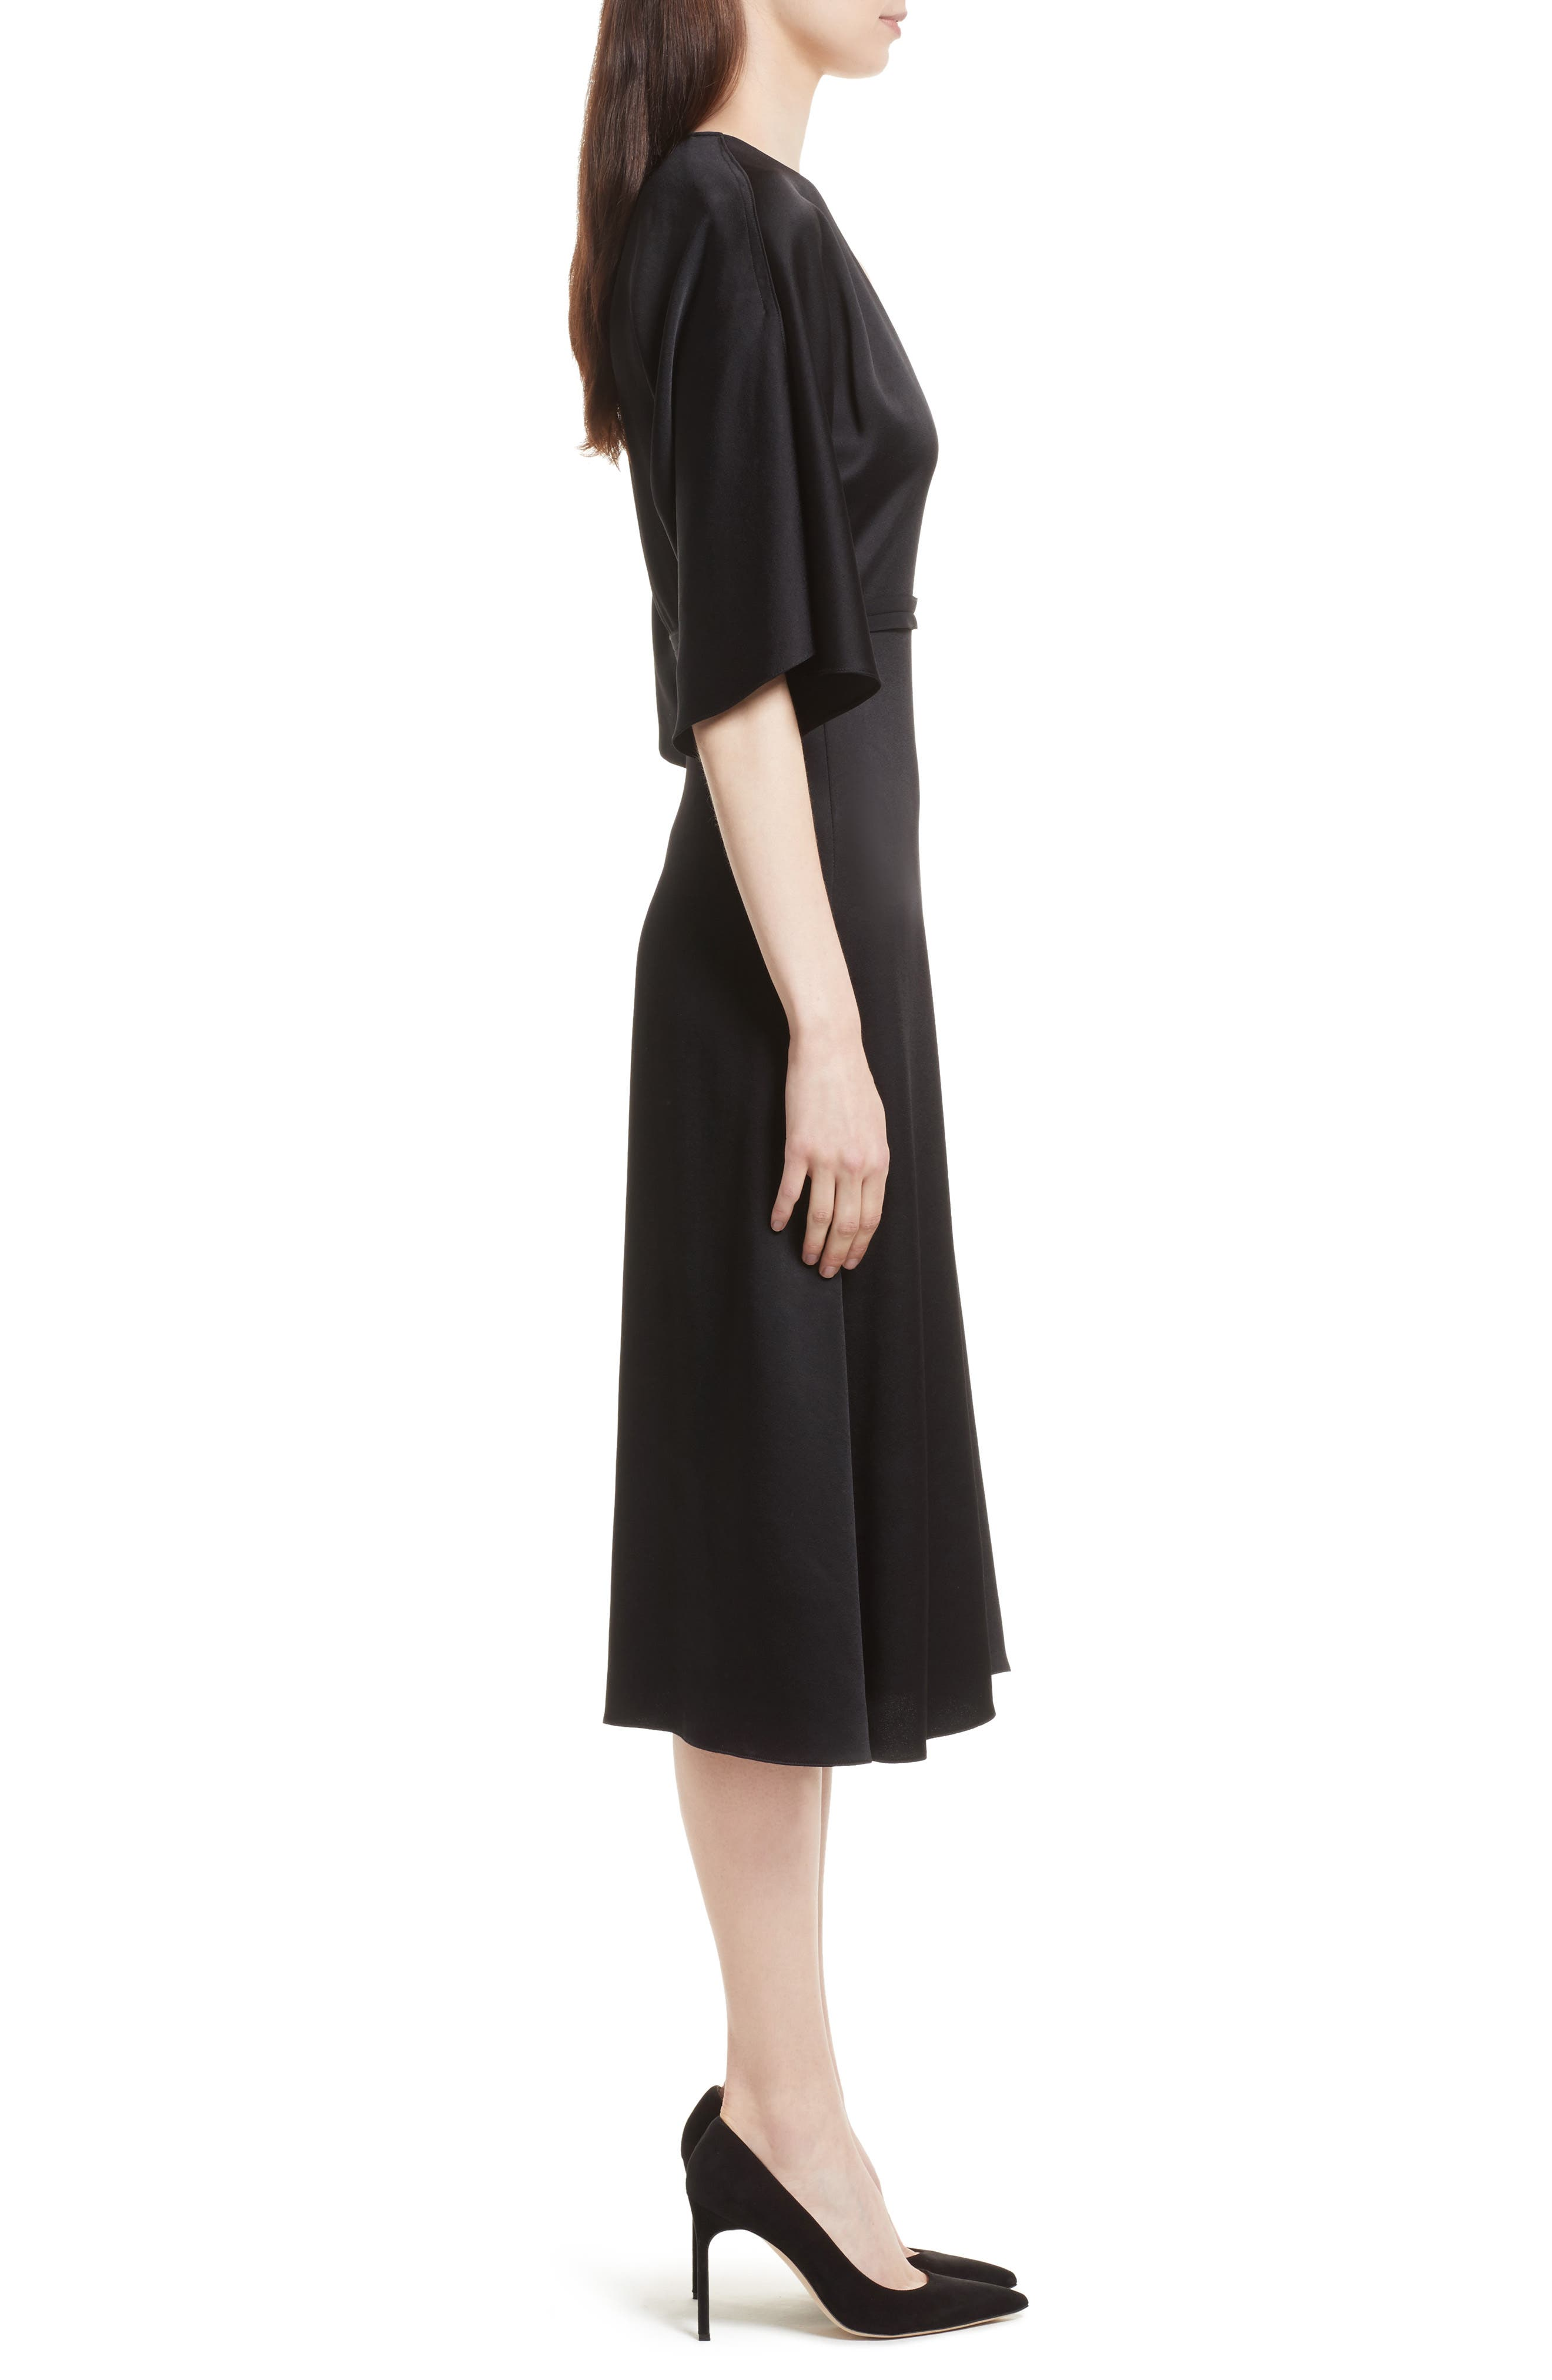 Kensington Midi Dress,                             Alternate thumbnail 3, color,                             001